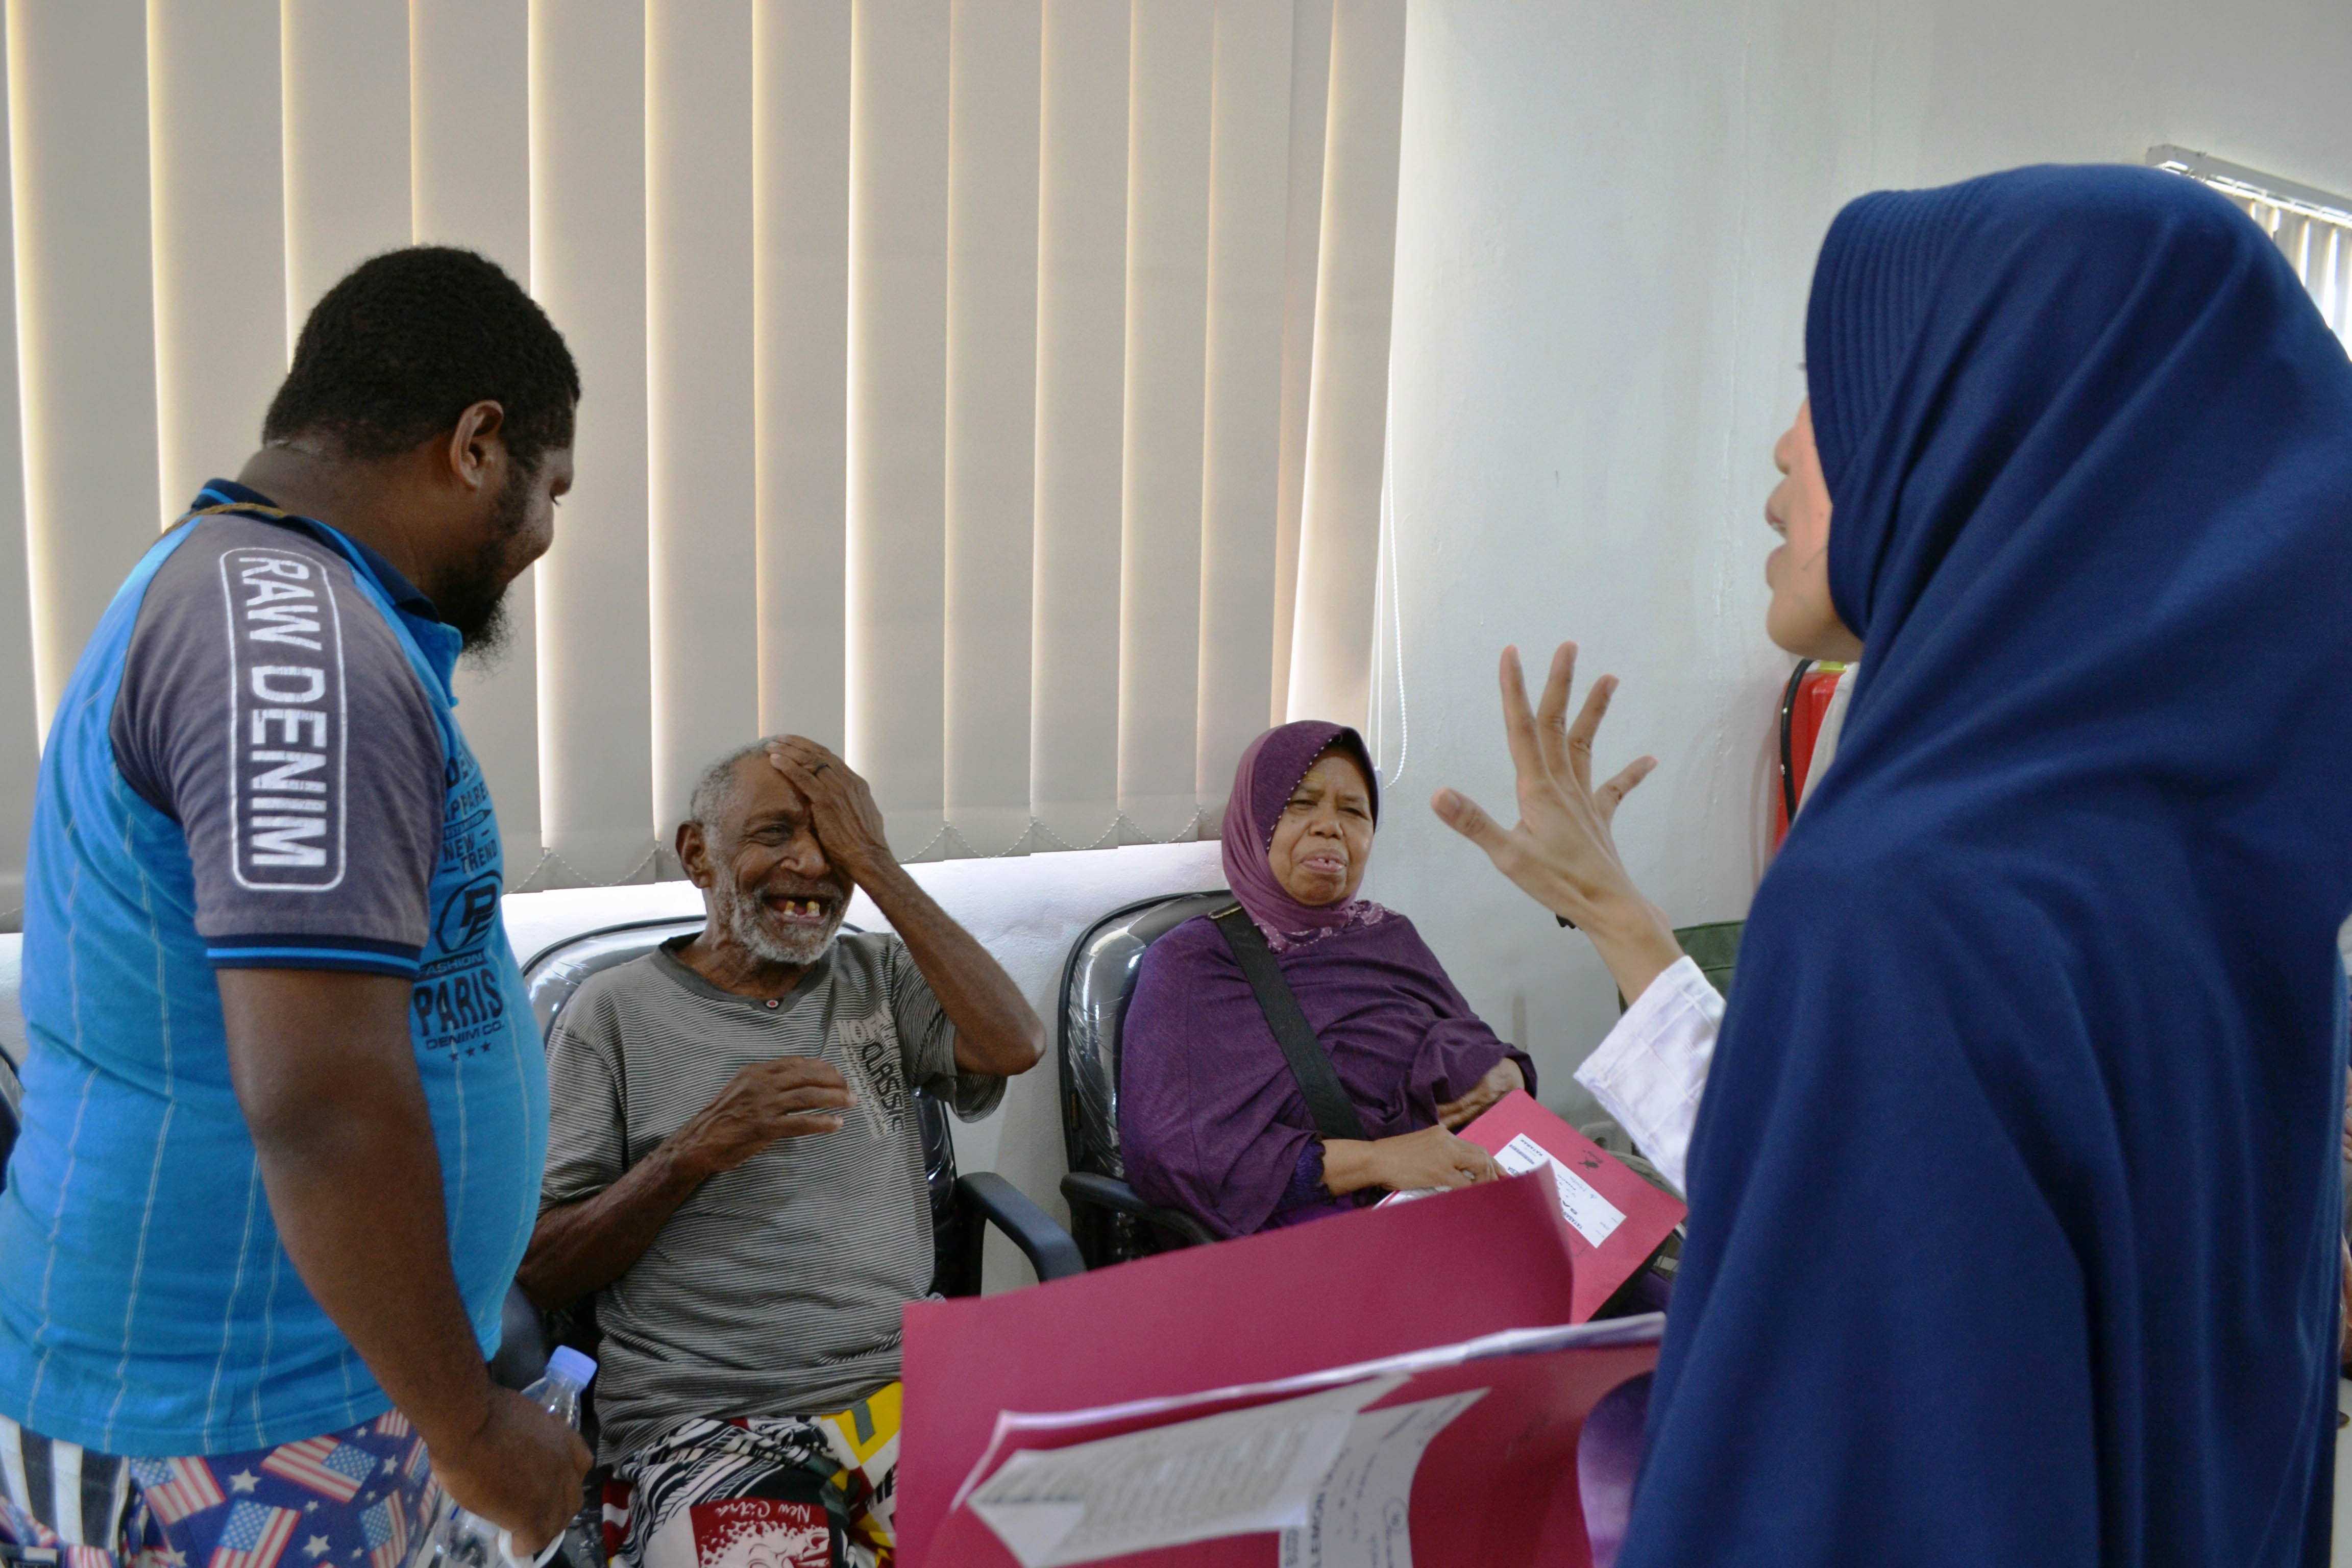 完成手術治療的飛樂夢(左二),護士為他進行視力測試,重見光明的他笑開懷。